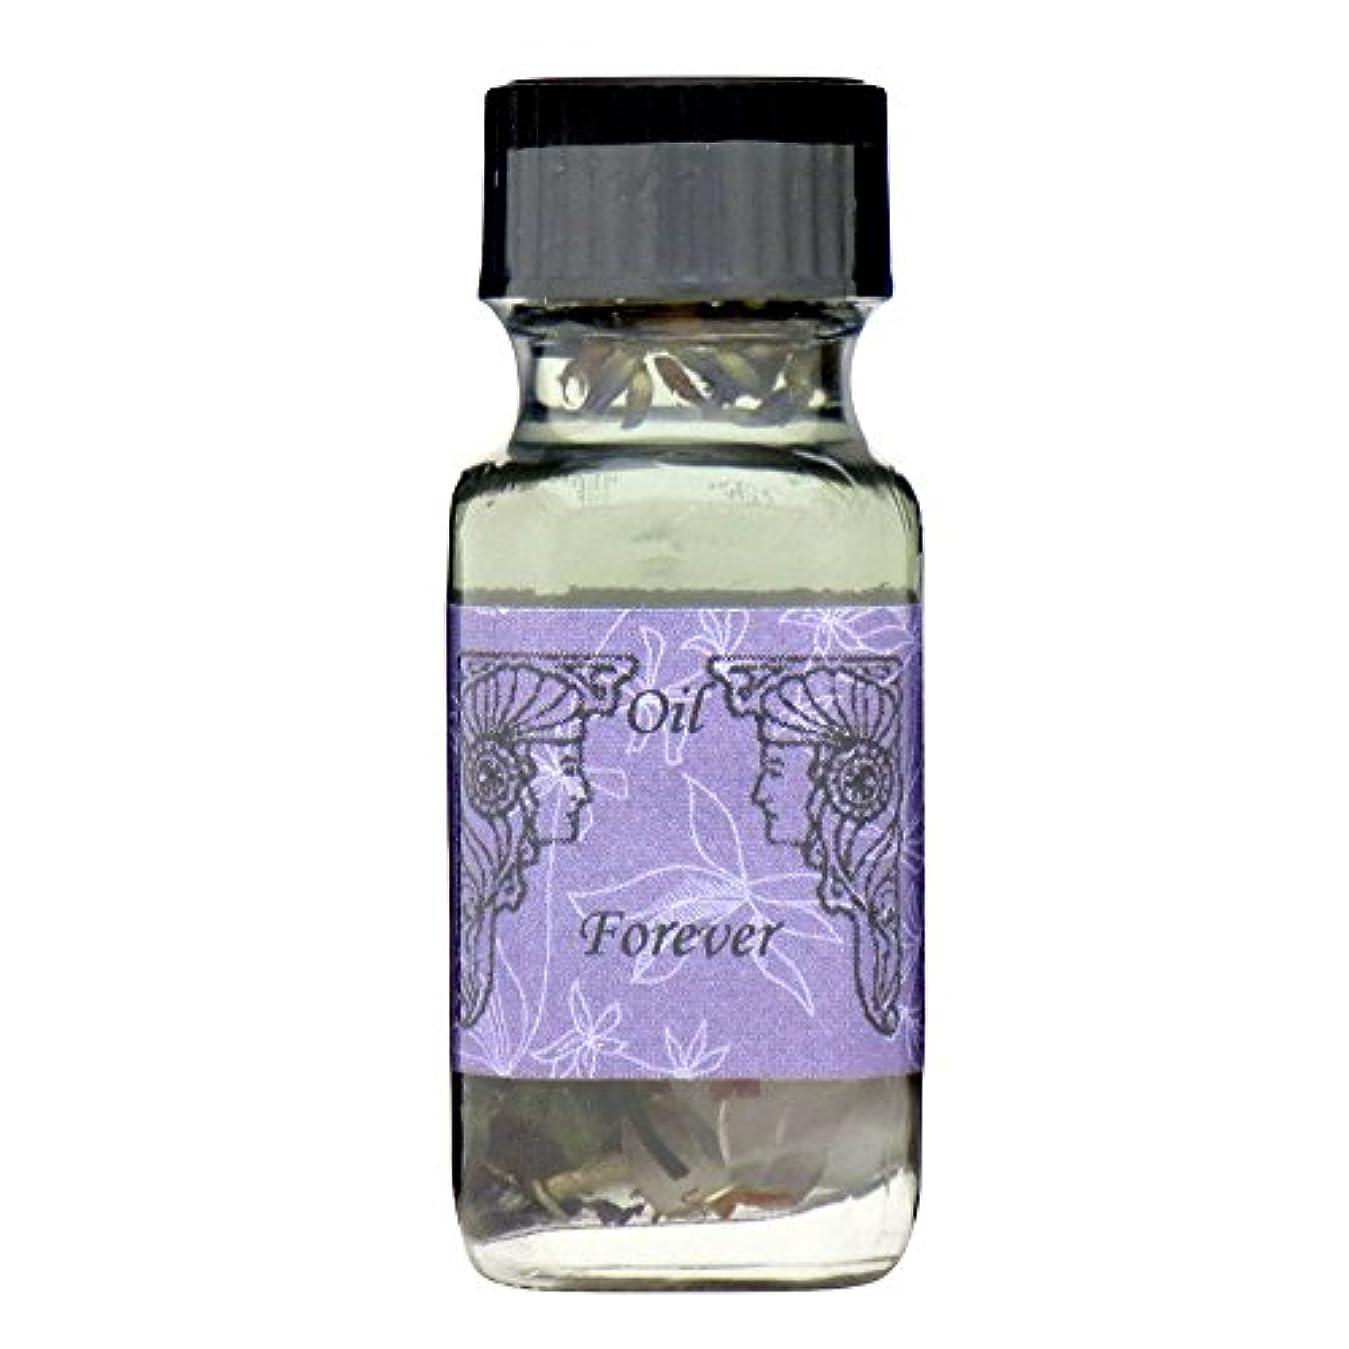 民間人バンドルボウリングアンシェントメモリーオイル フォーエバー (永続的な関係) 15ml (Ancient Memory Oils)